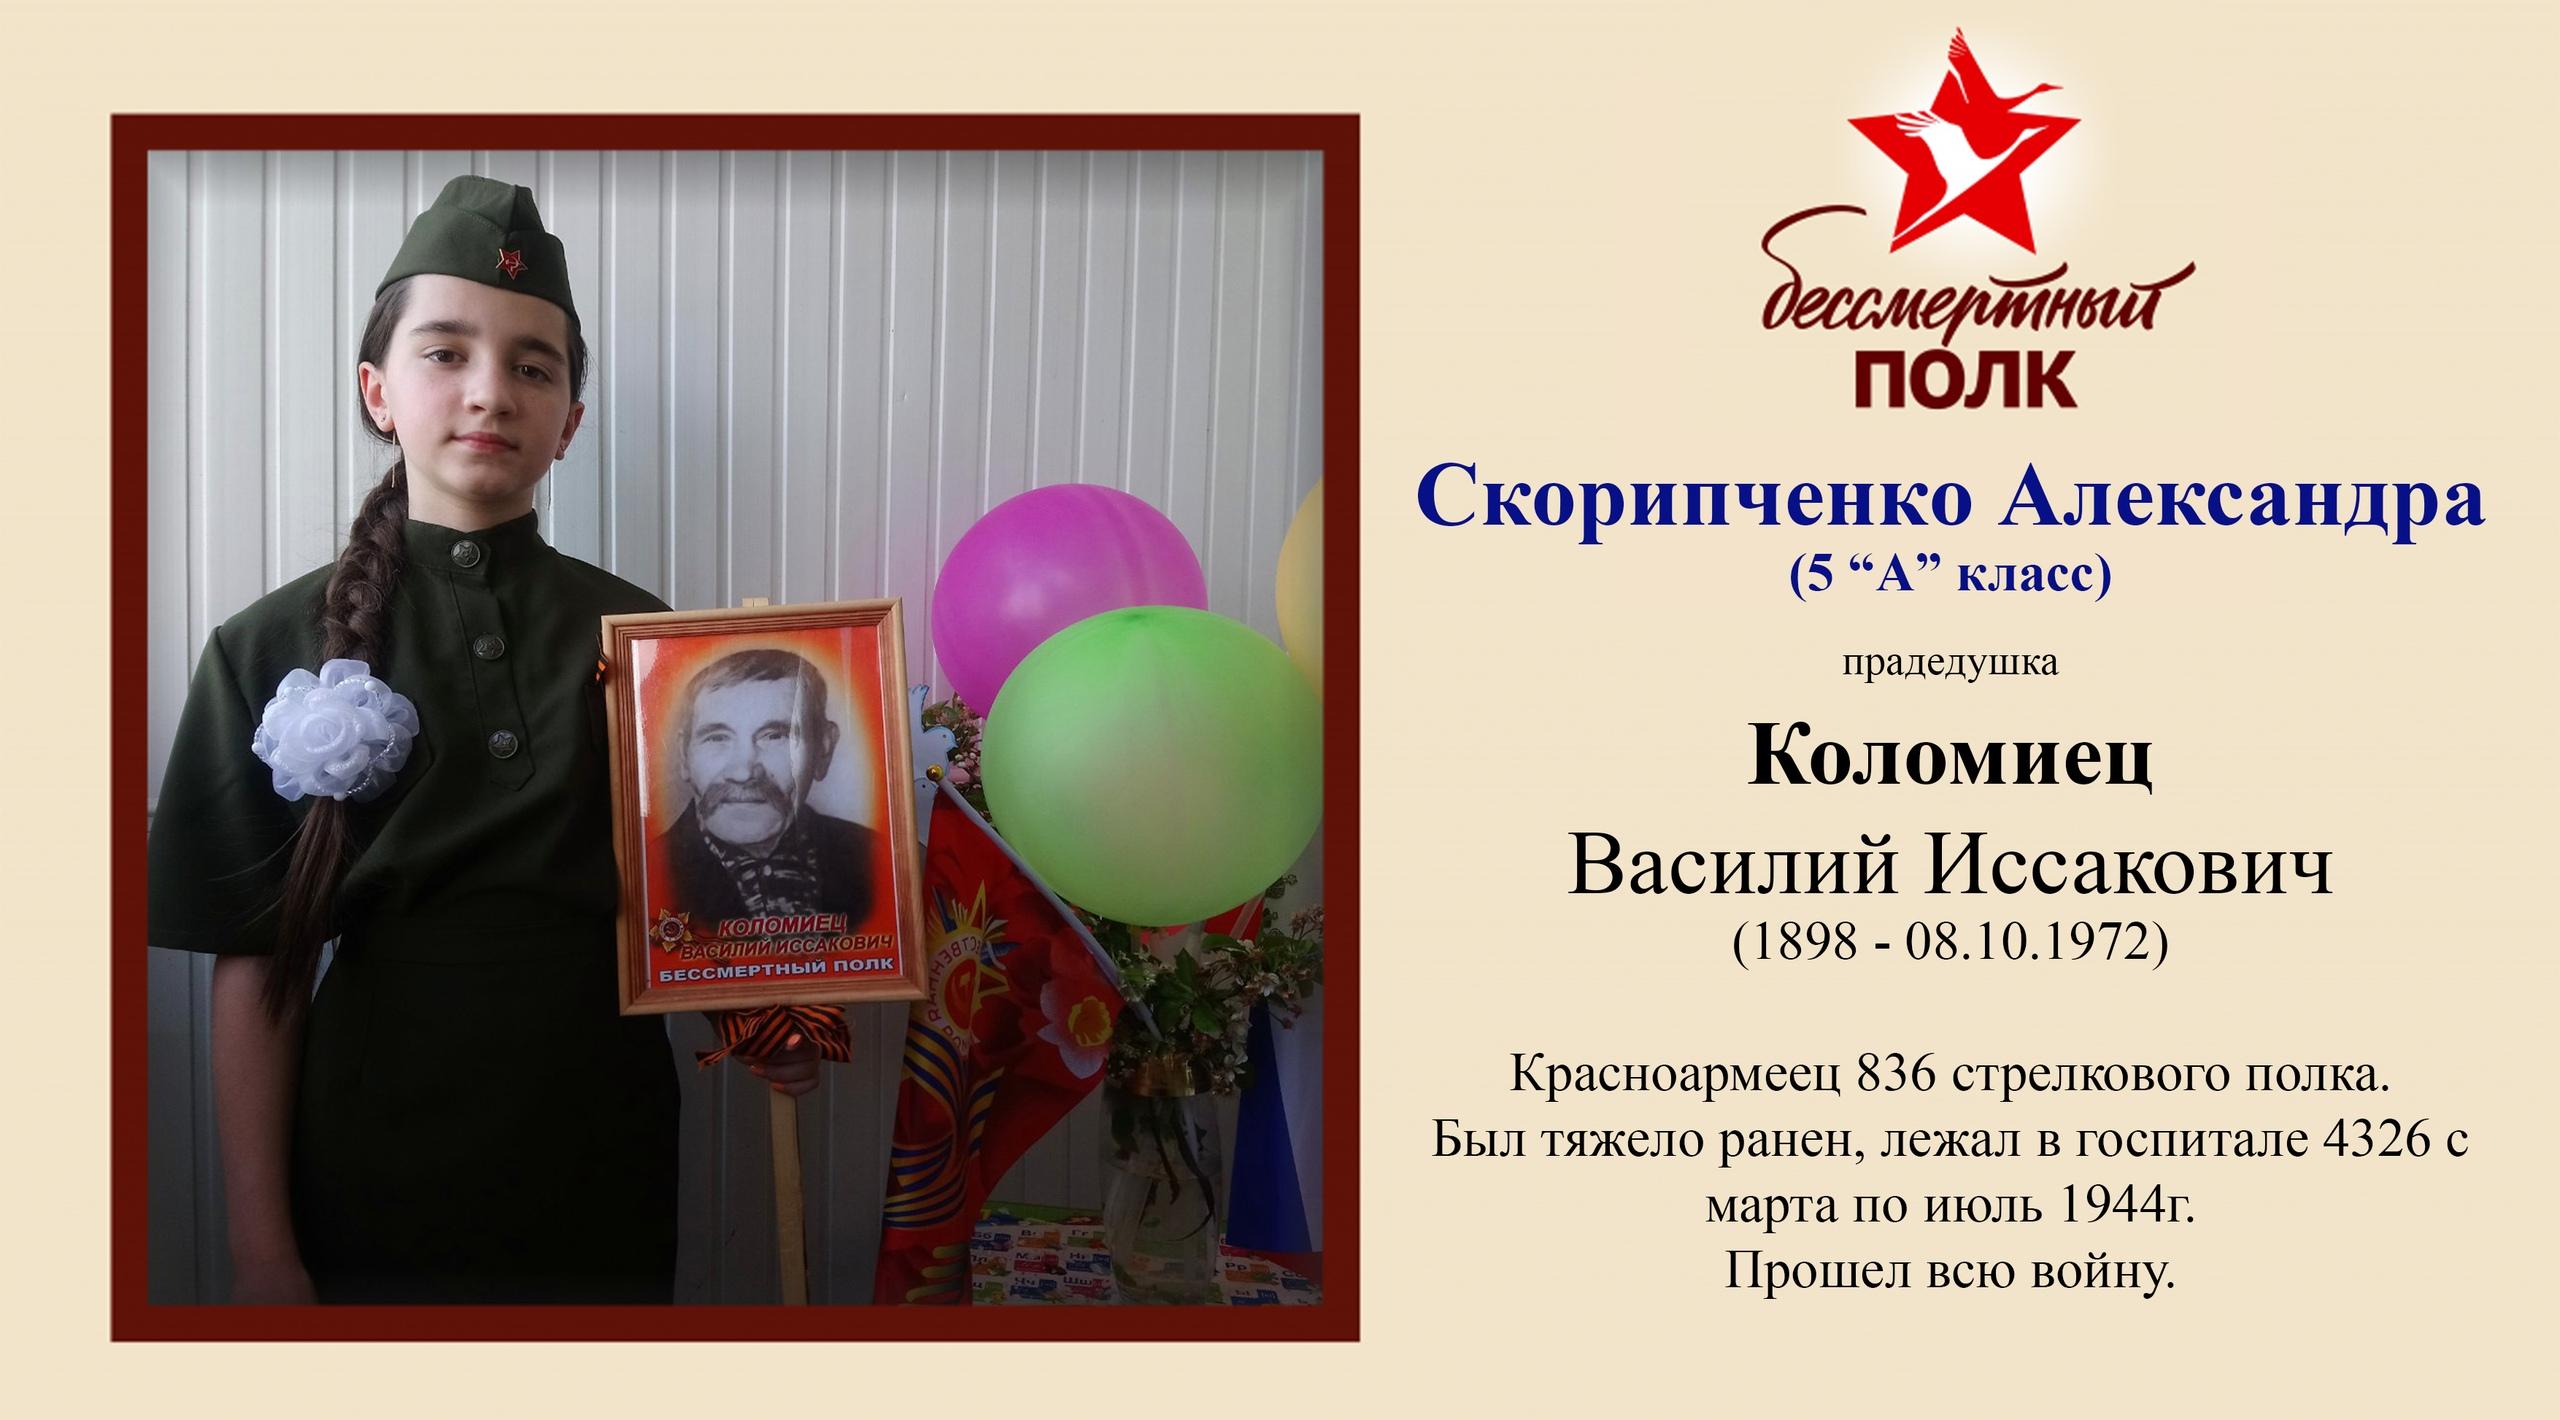 Скорипченко Александра